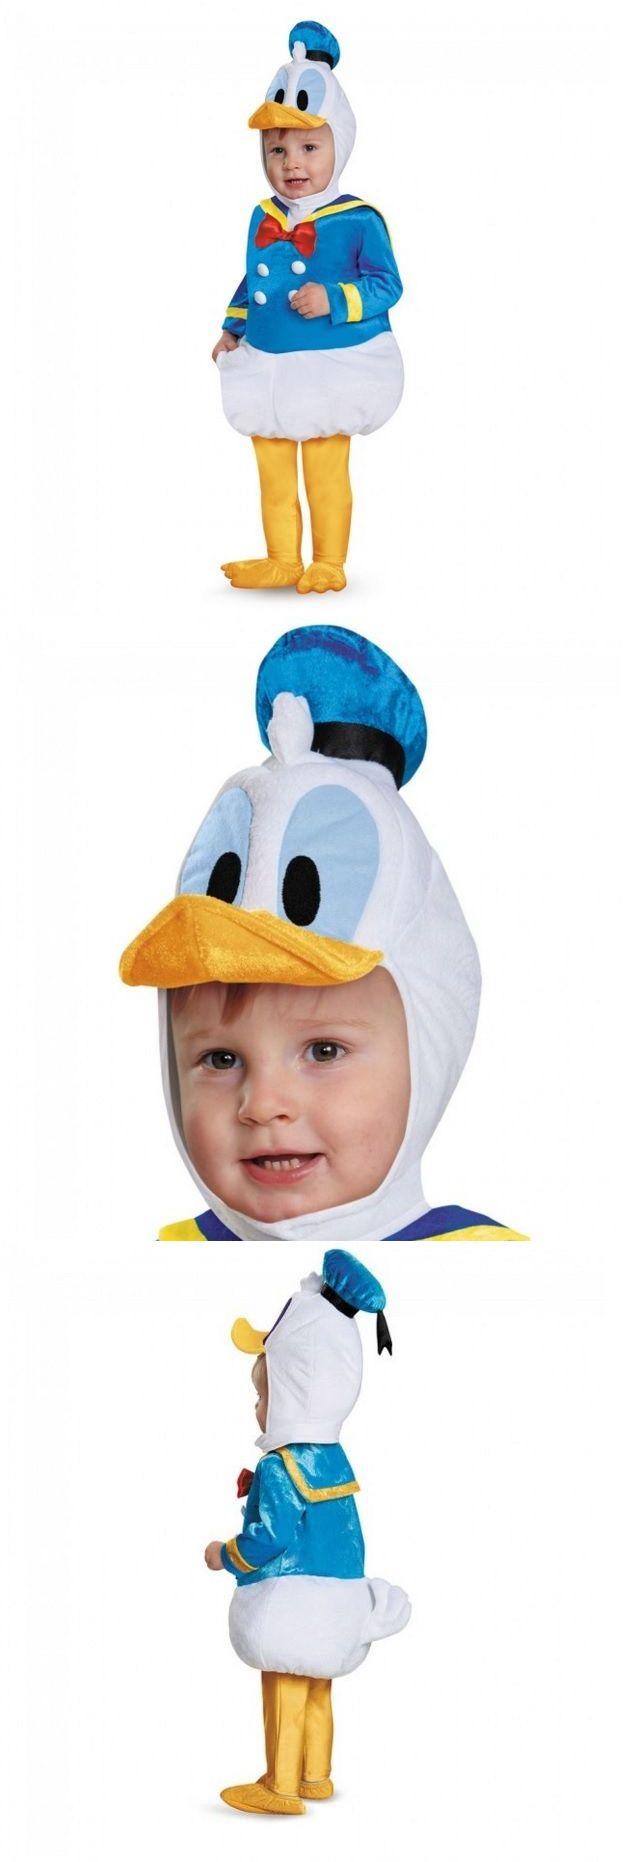 17 Best ideas about Donald Duck Costume on Pinterest   Run ...  17 Best ideas a...